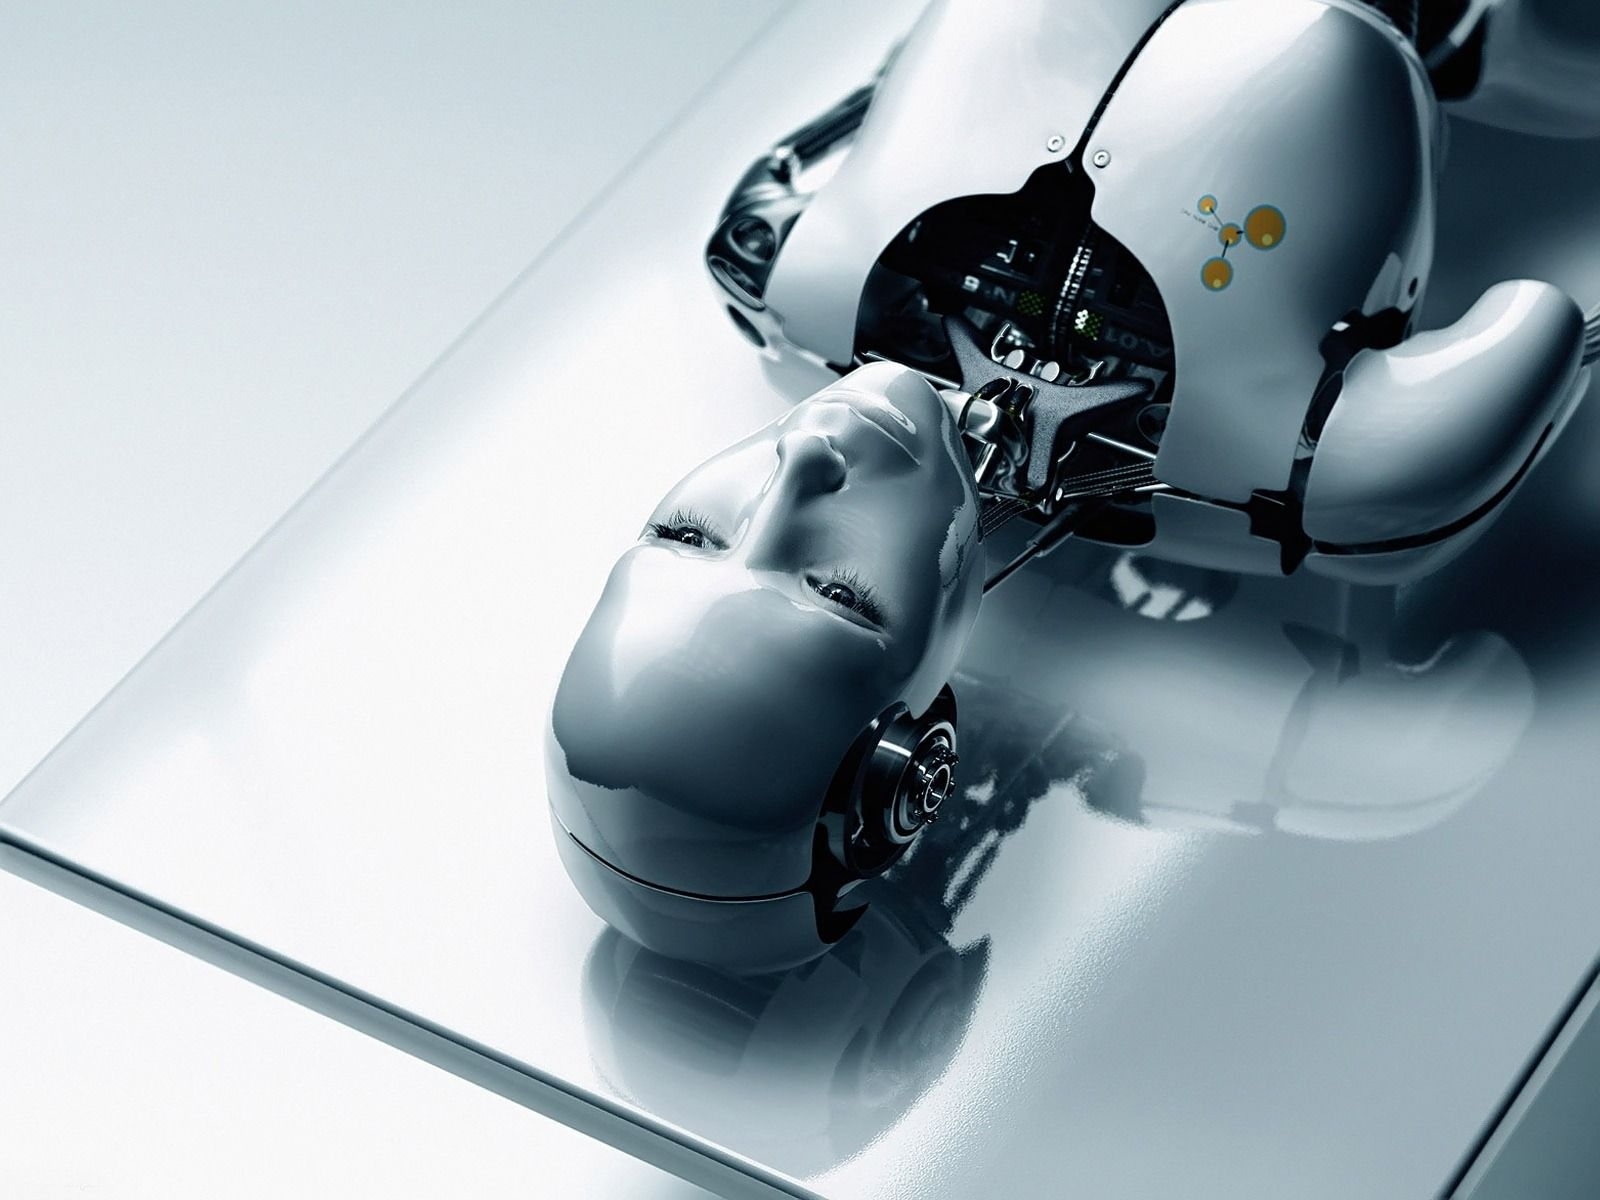 Diseño 3D | Creamos los modelos en 3D que necesites para tus aplicaciones, diseñadas por especialistas profesionales en el área.